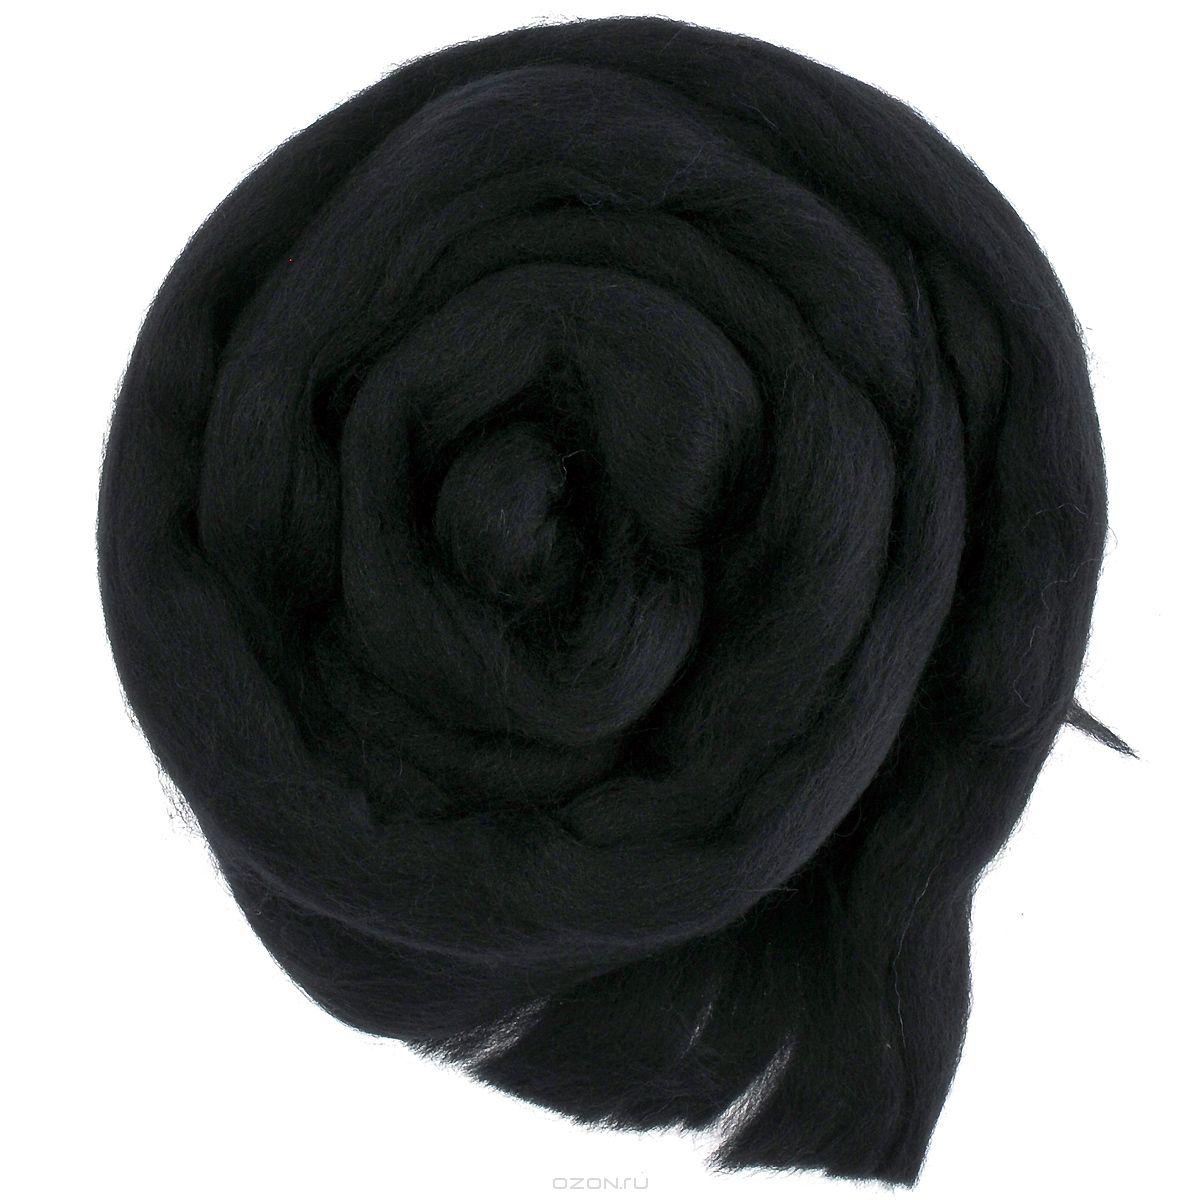 Шерсть для валяния Астра, тонкая, цвет: черный (0140), 100 г шарп лори игрушки и зверушки своими руками техника валяния шерсти